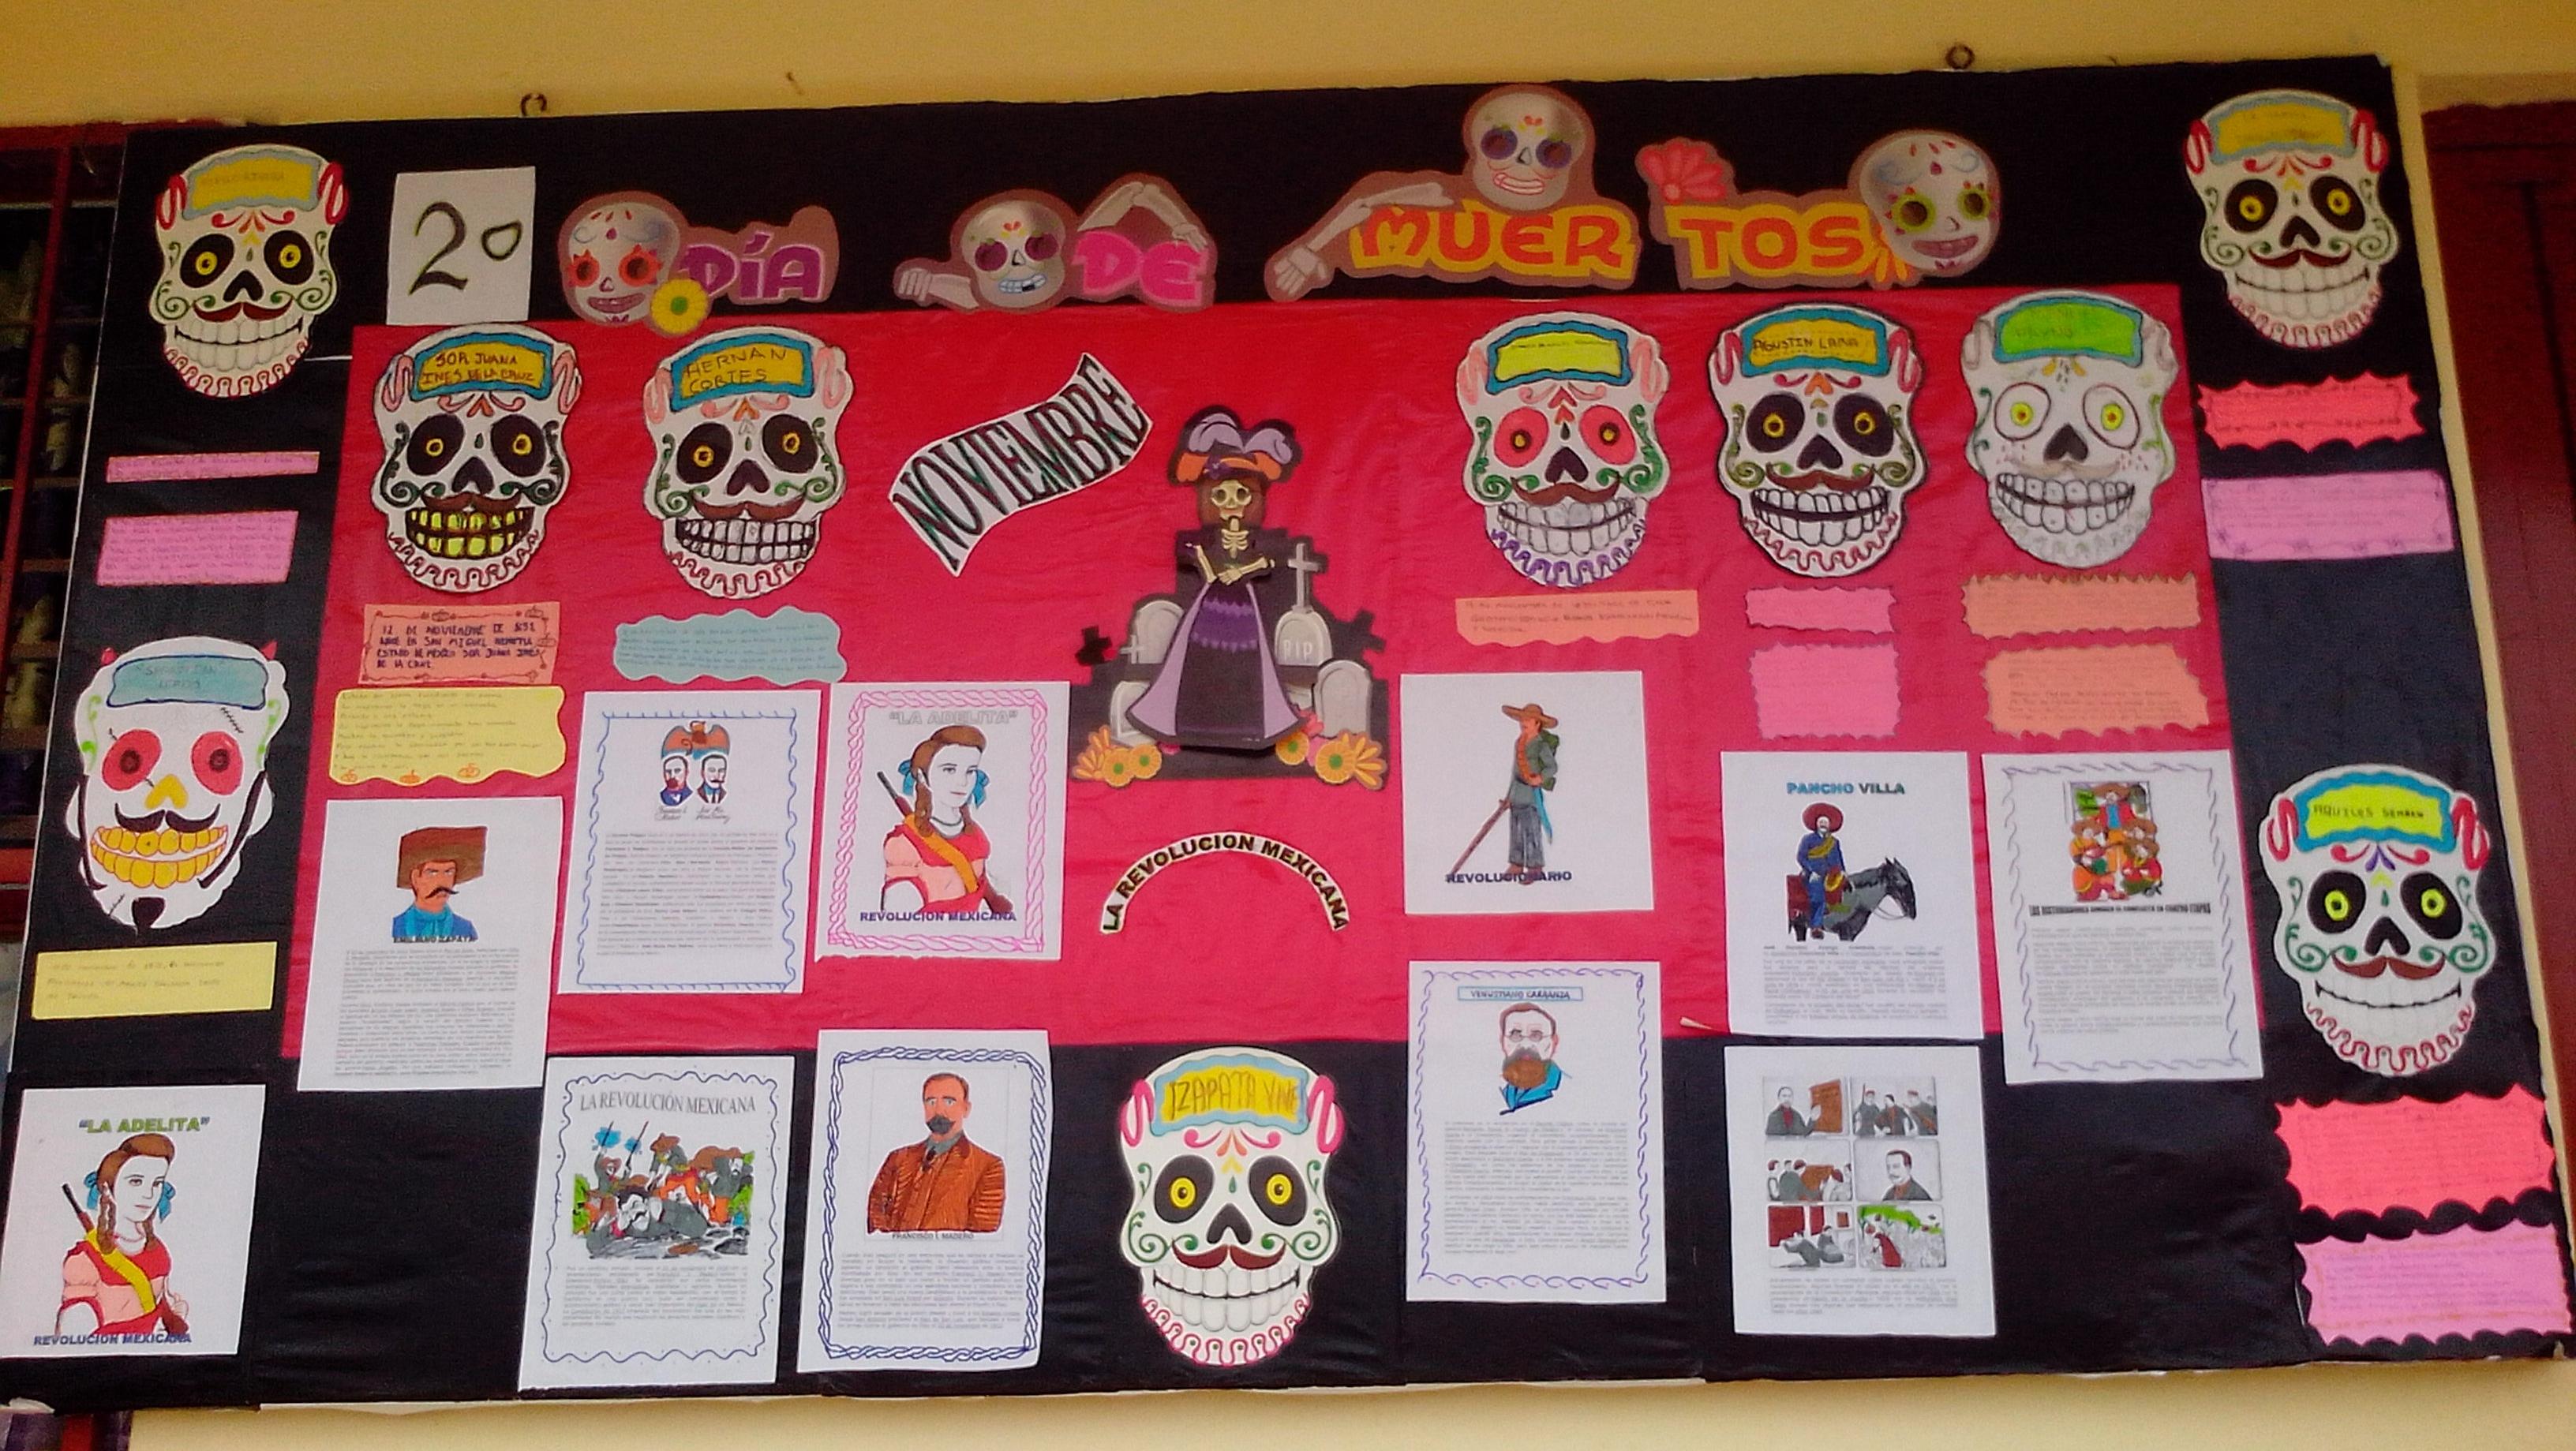 Periodico mural noviembre 8 imagenes educativas for Diario mural en ingles